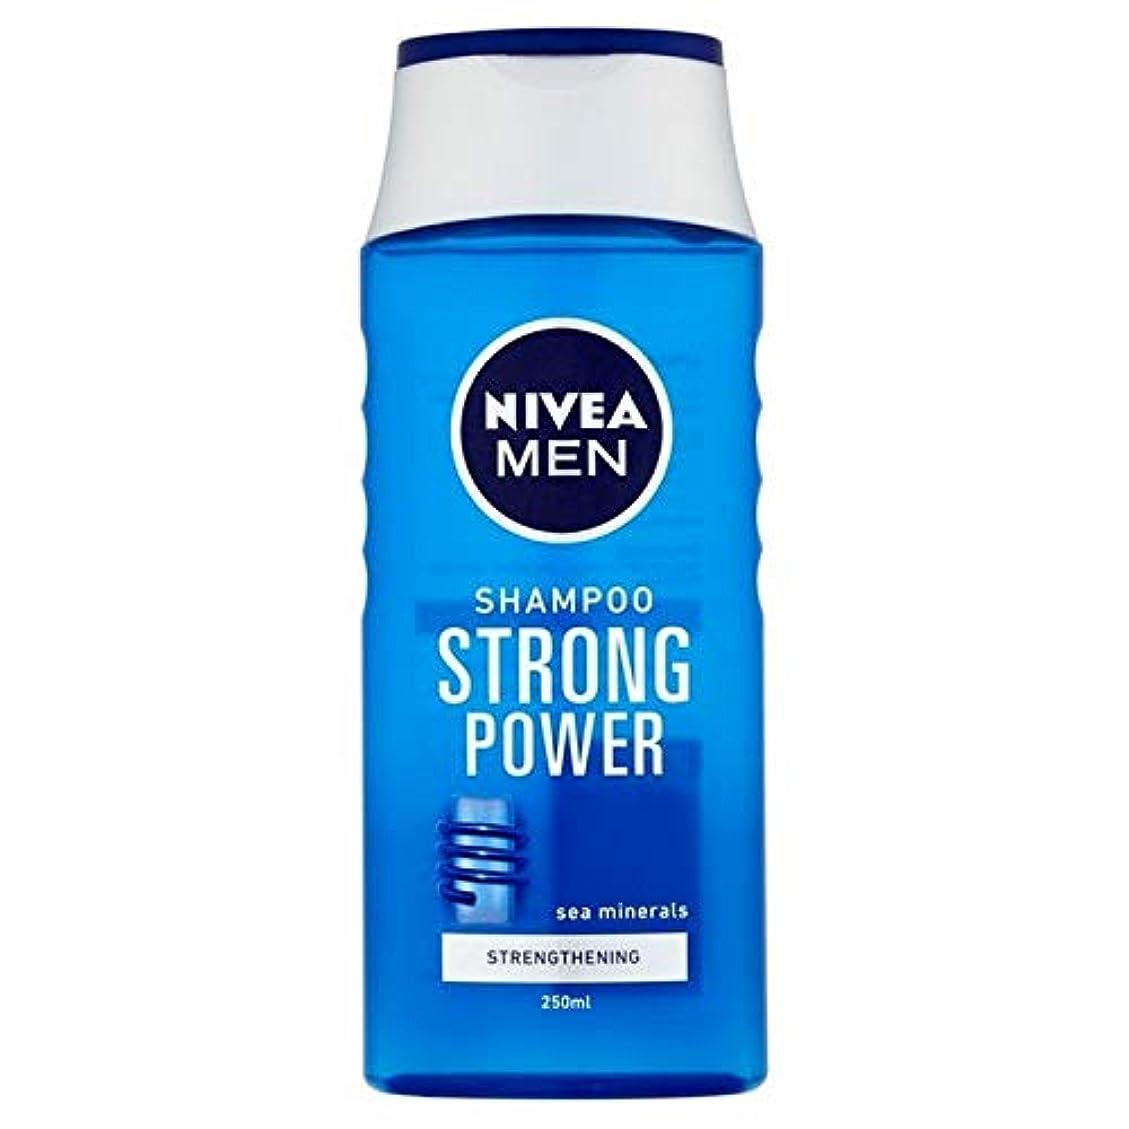 廊下ベギン高さ[Nivea ] ニベアの男性は、強いパワー250ミリリットルシャンプー - Nivea Men Shampoo Strong Power 250ml [並行輸入品]